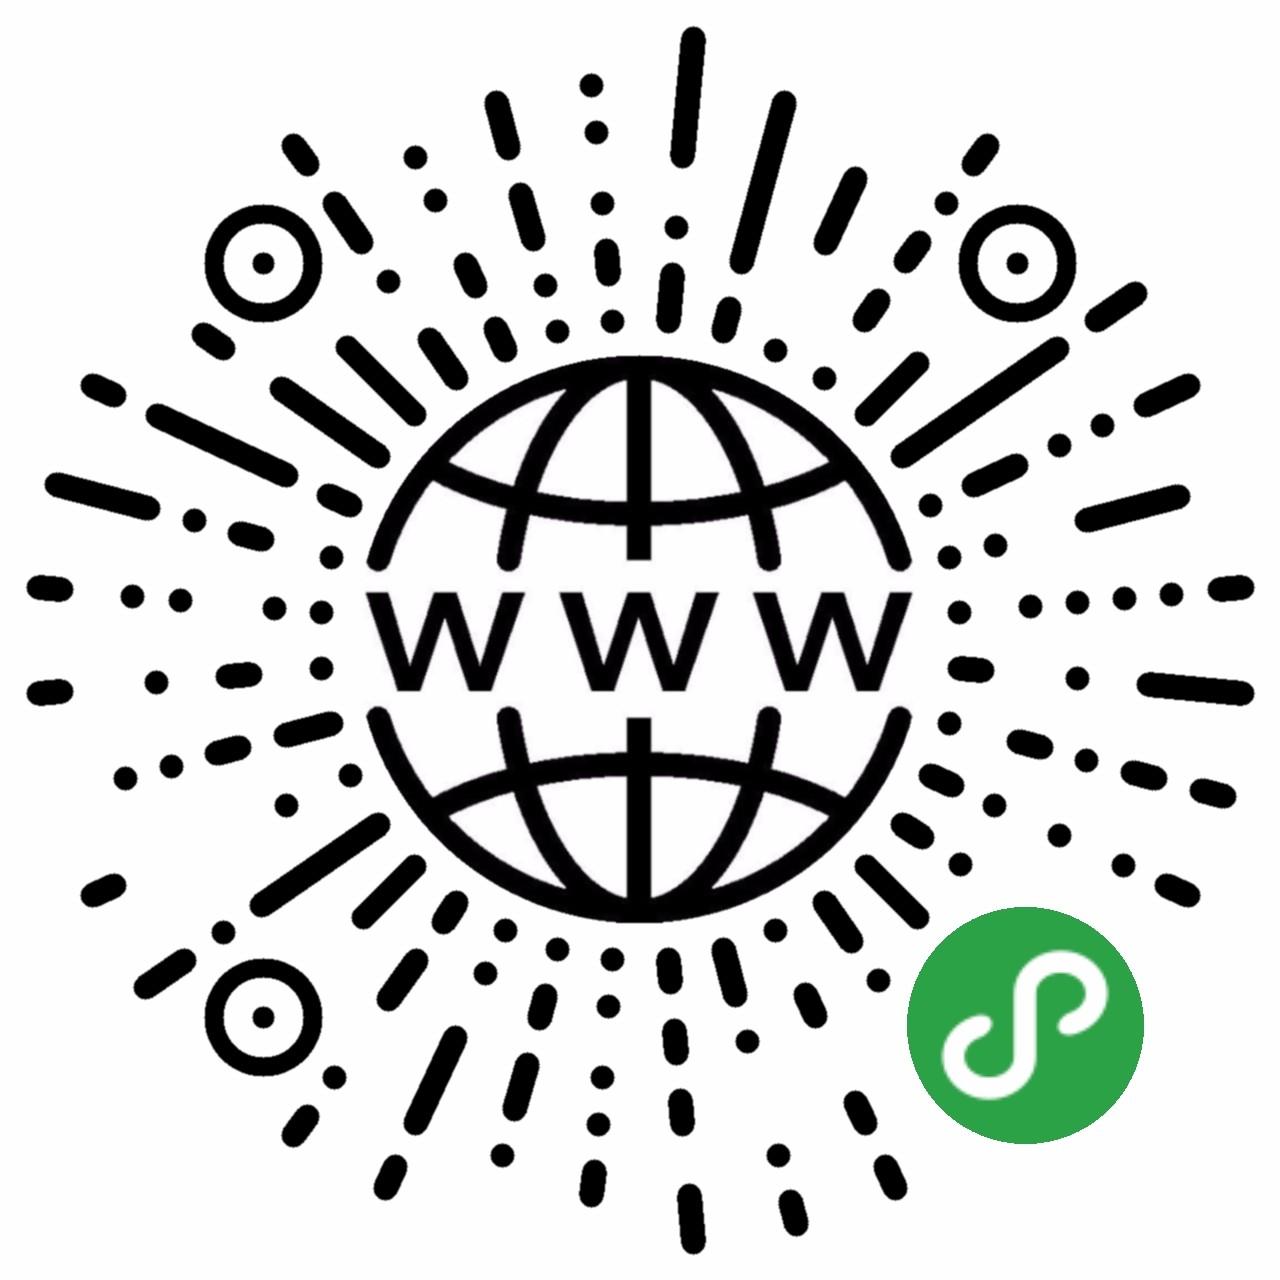 域名信息查询小工具-微信小程序二维码